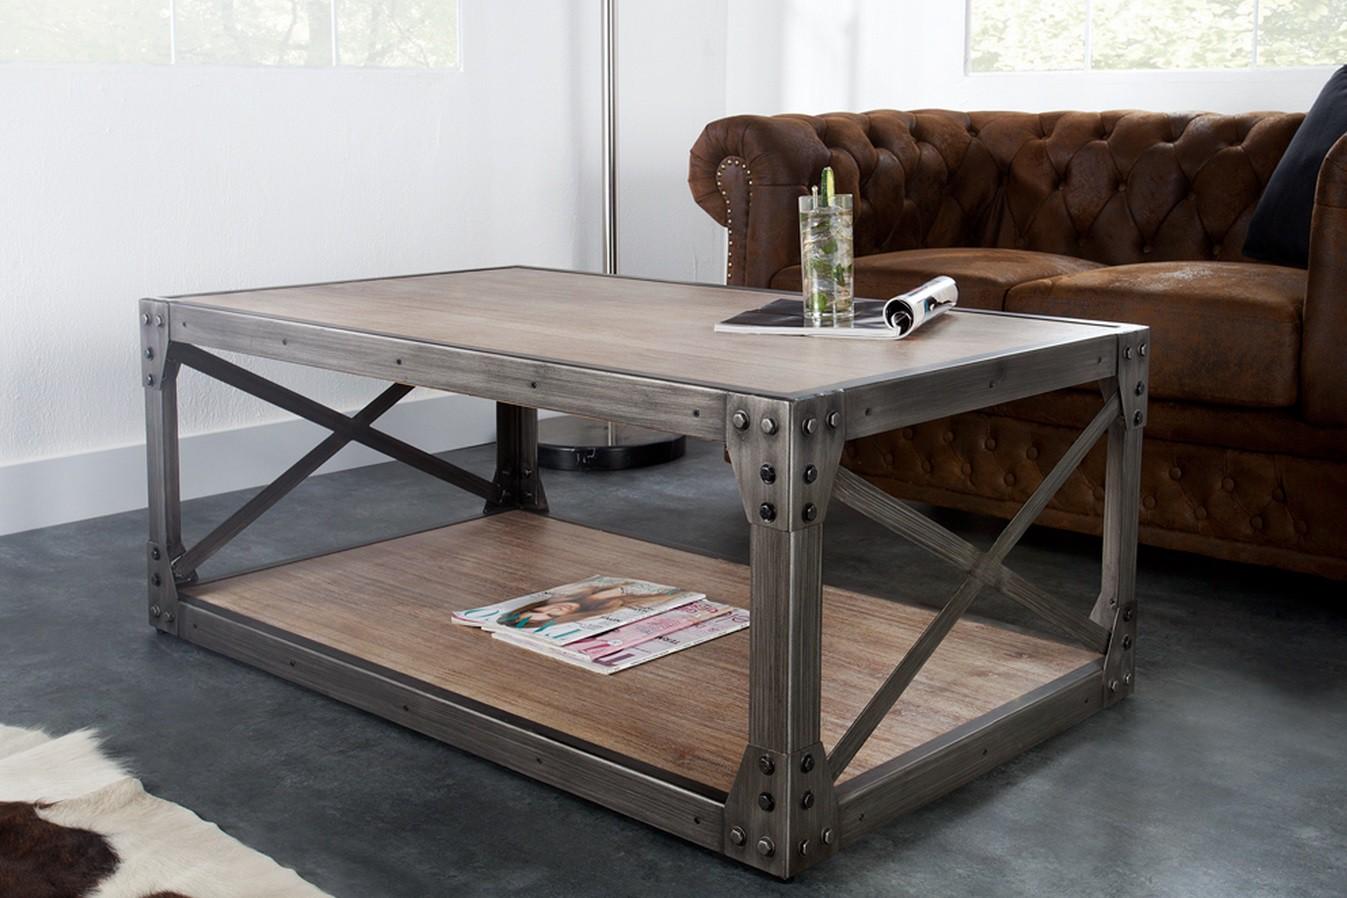 Basse Pas Bois Chere Table En Boutique Gain De mN8n0w